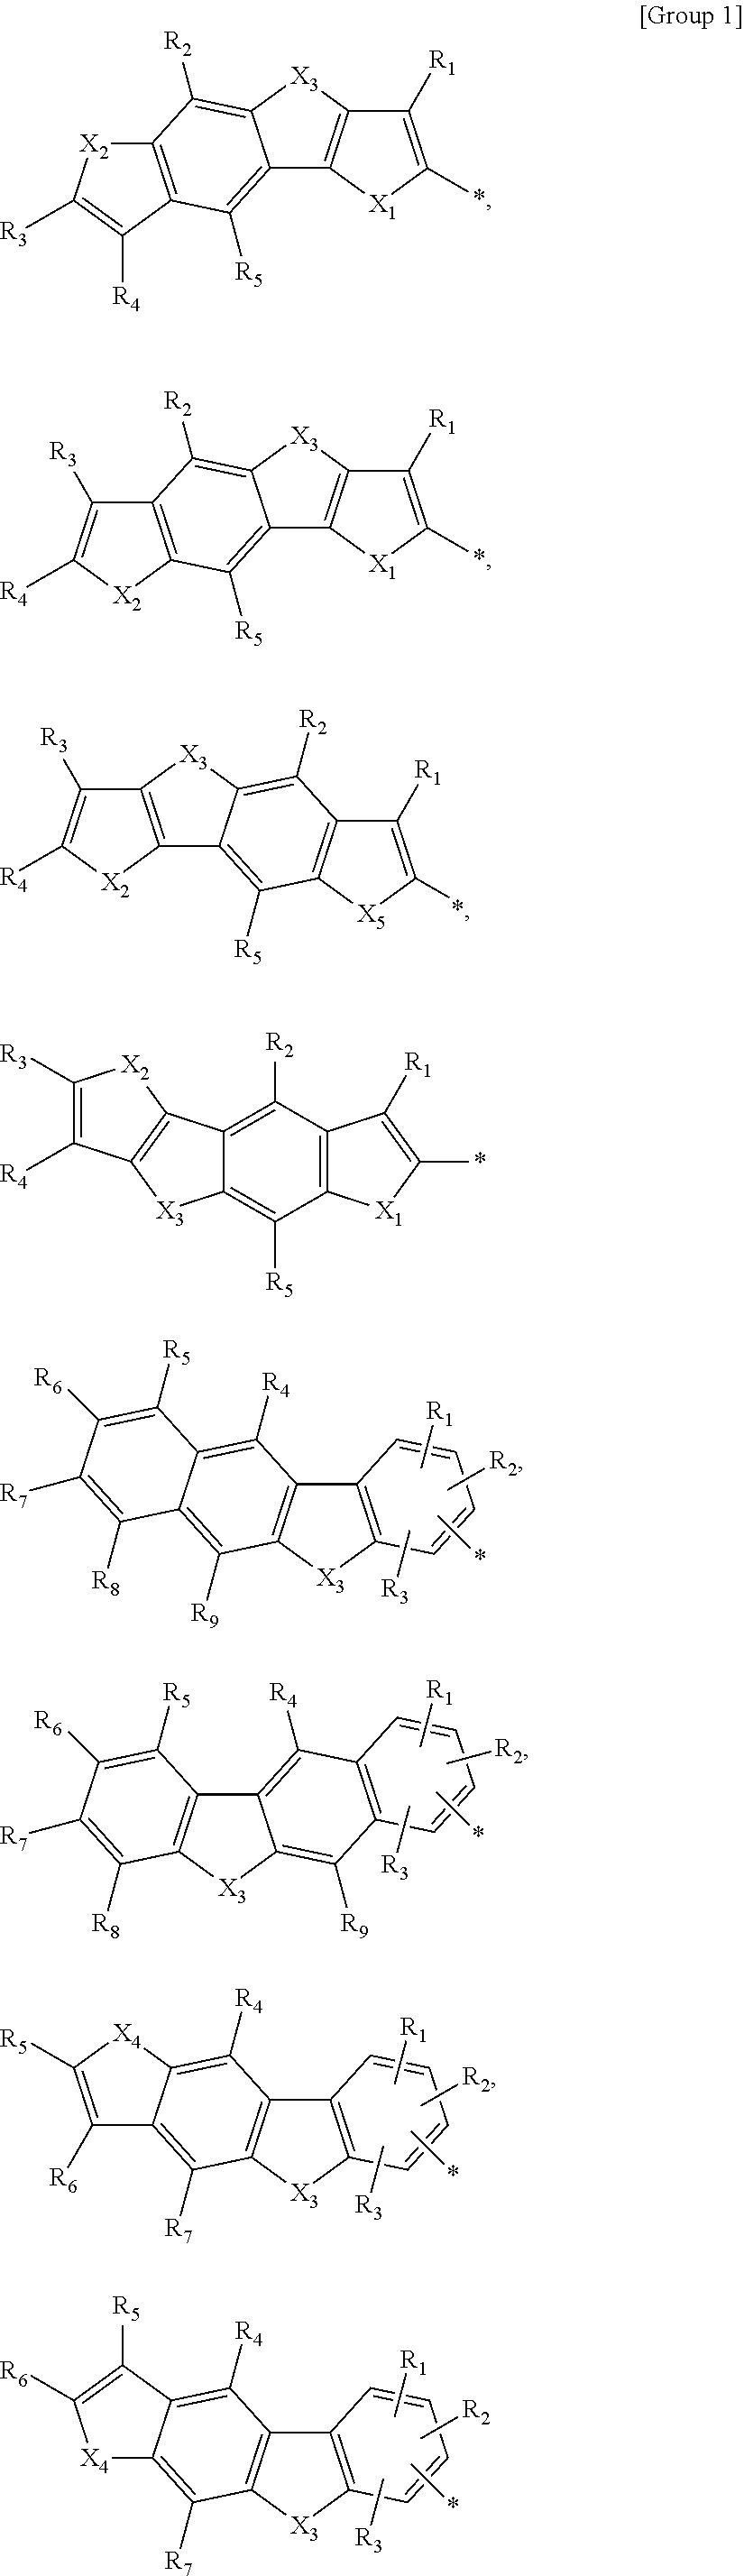 Figure US09985222-20180529-C00010